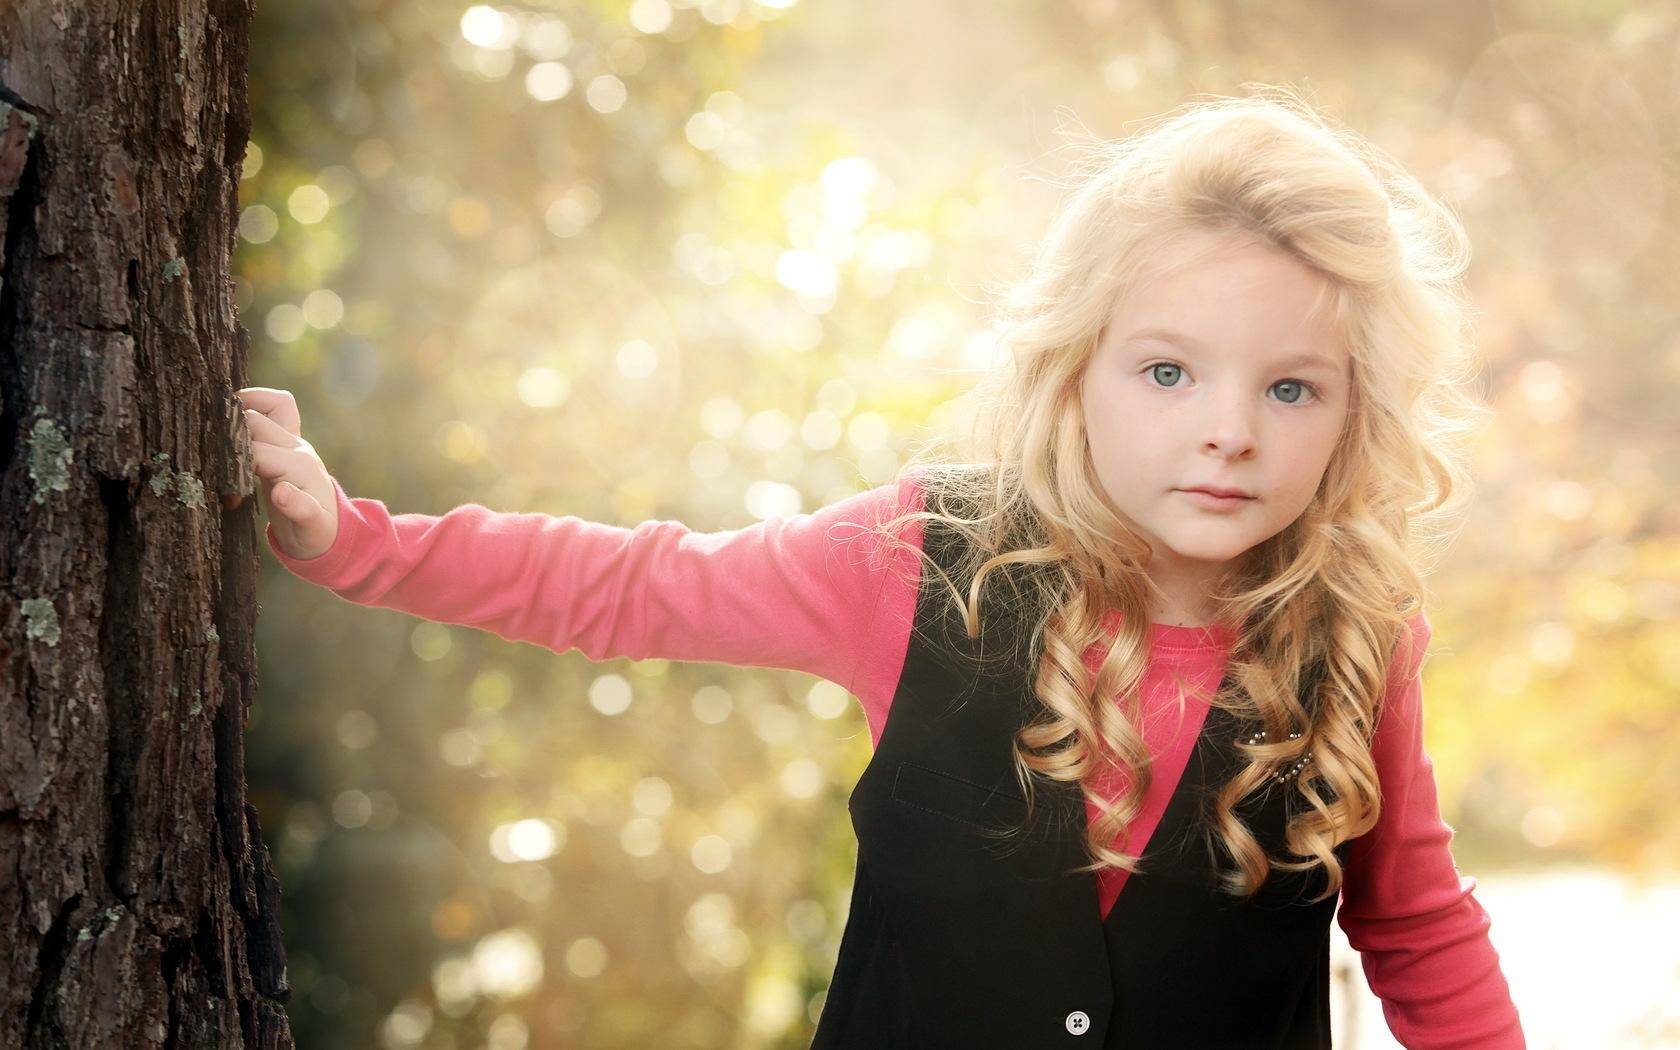 1680x1050 Wallpaper little girl, light, mood